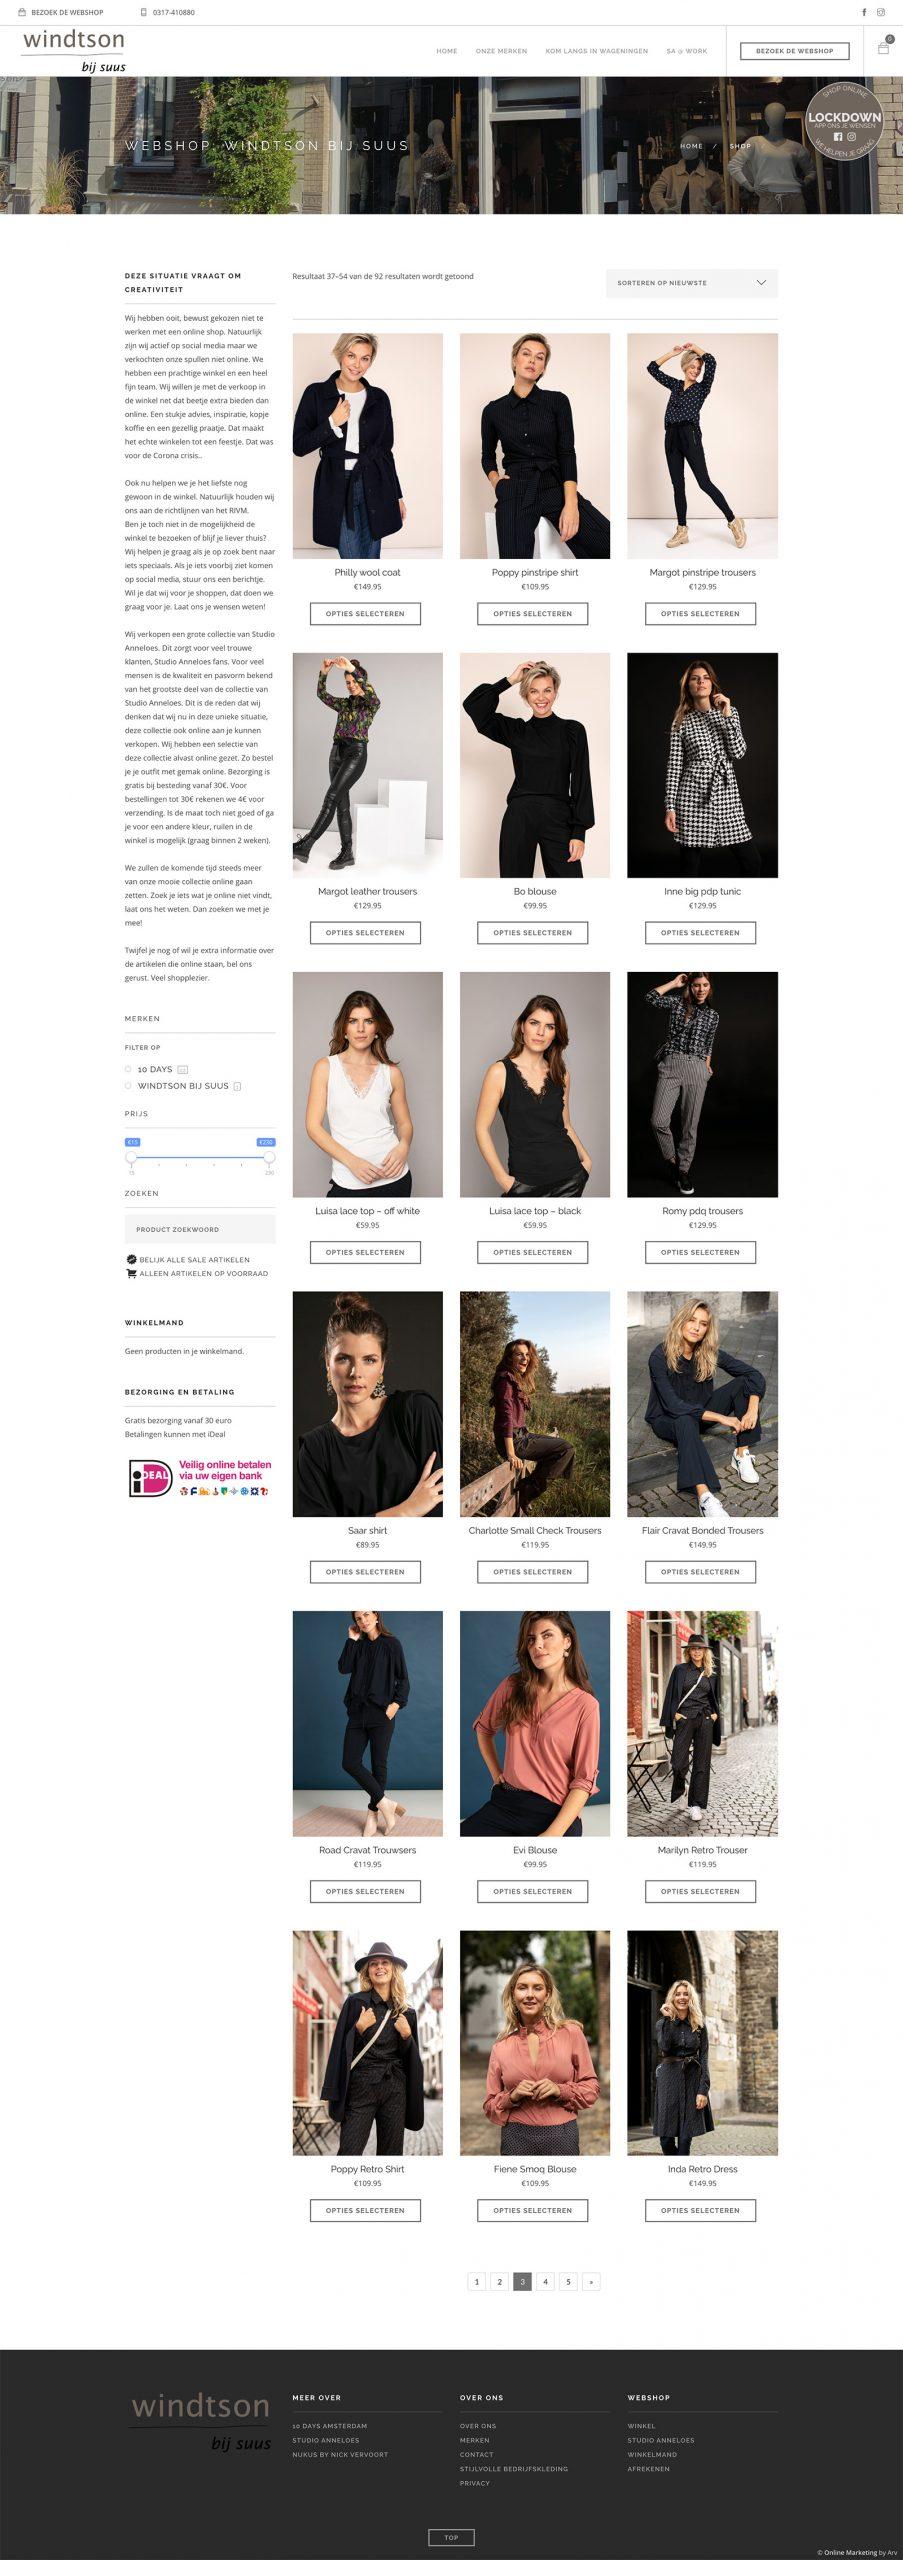 Webshop-retail-kledingwinkel-dameskleding-Wageningen-scaled